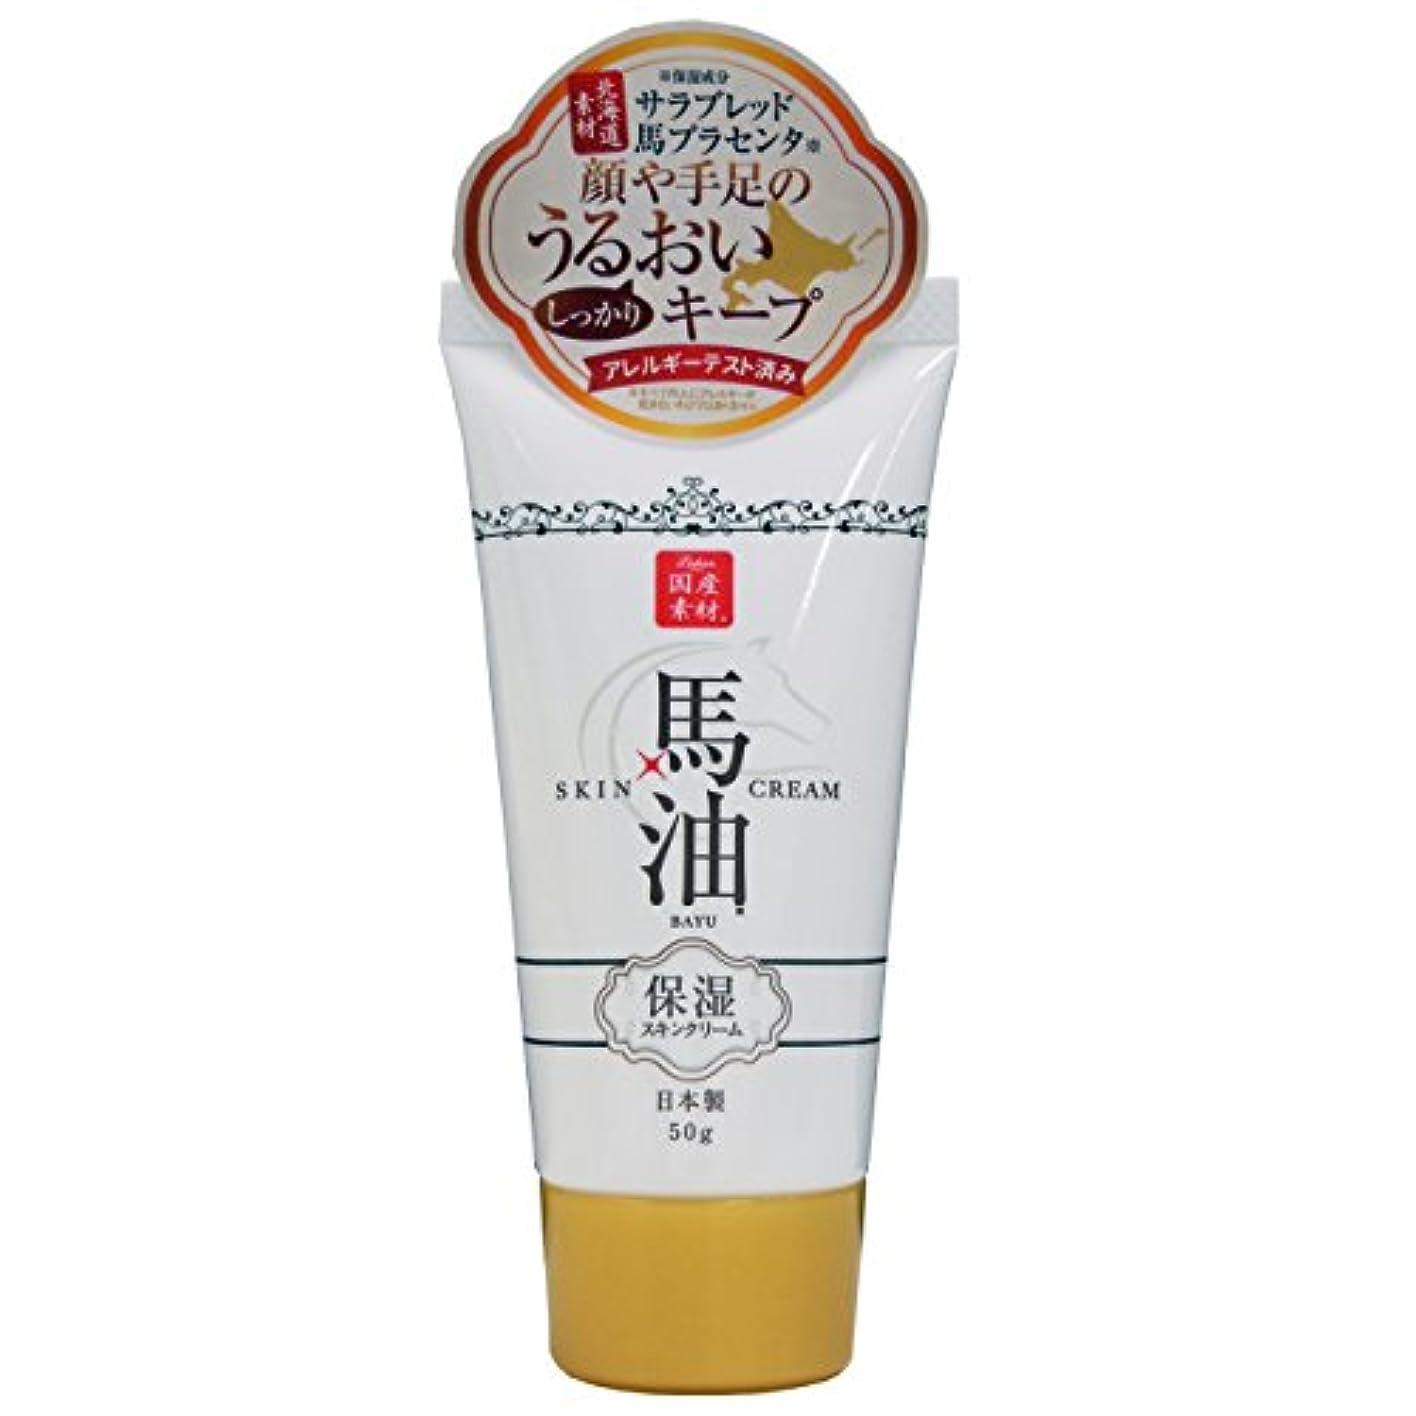 取り付け十分な荒涼としたリシャン 馬油スキンクリーム ミニ (さくらの香り) 50g